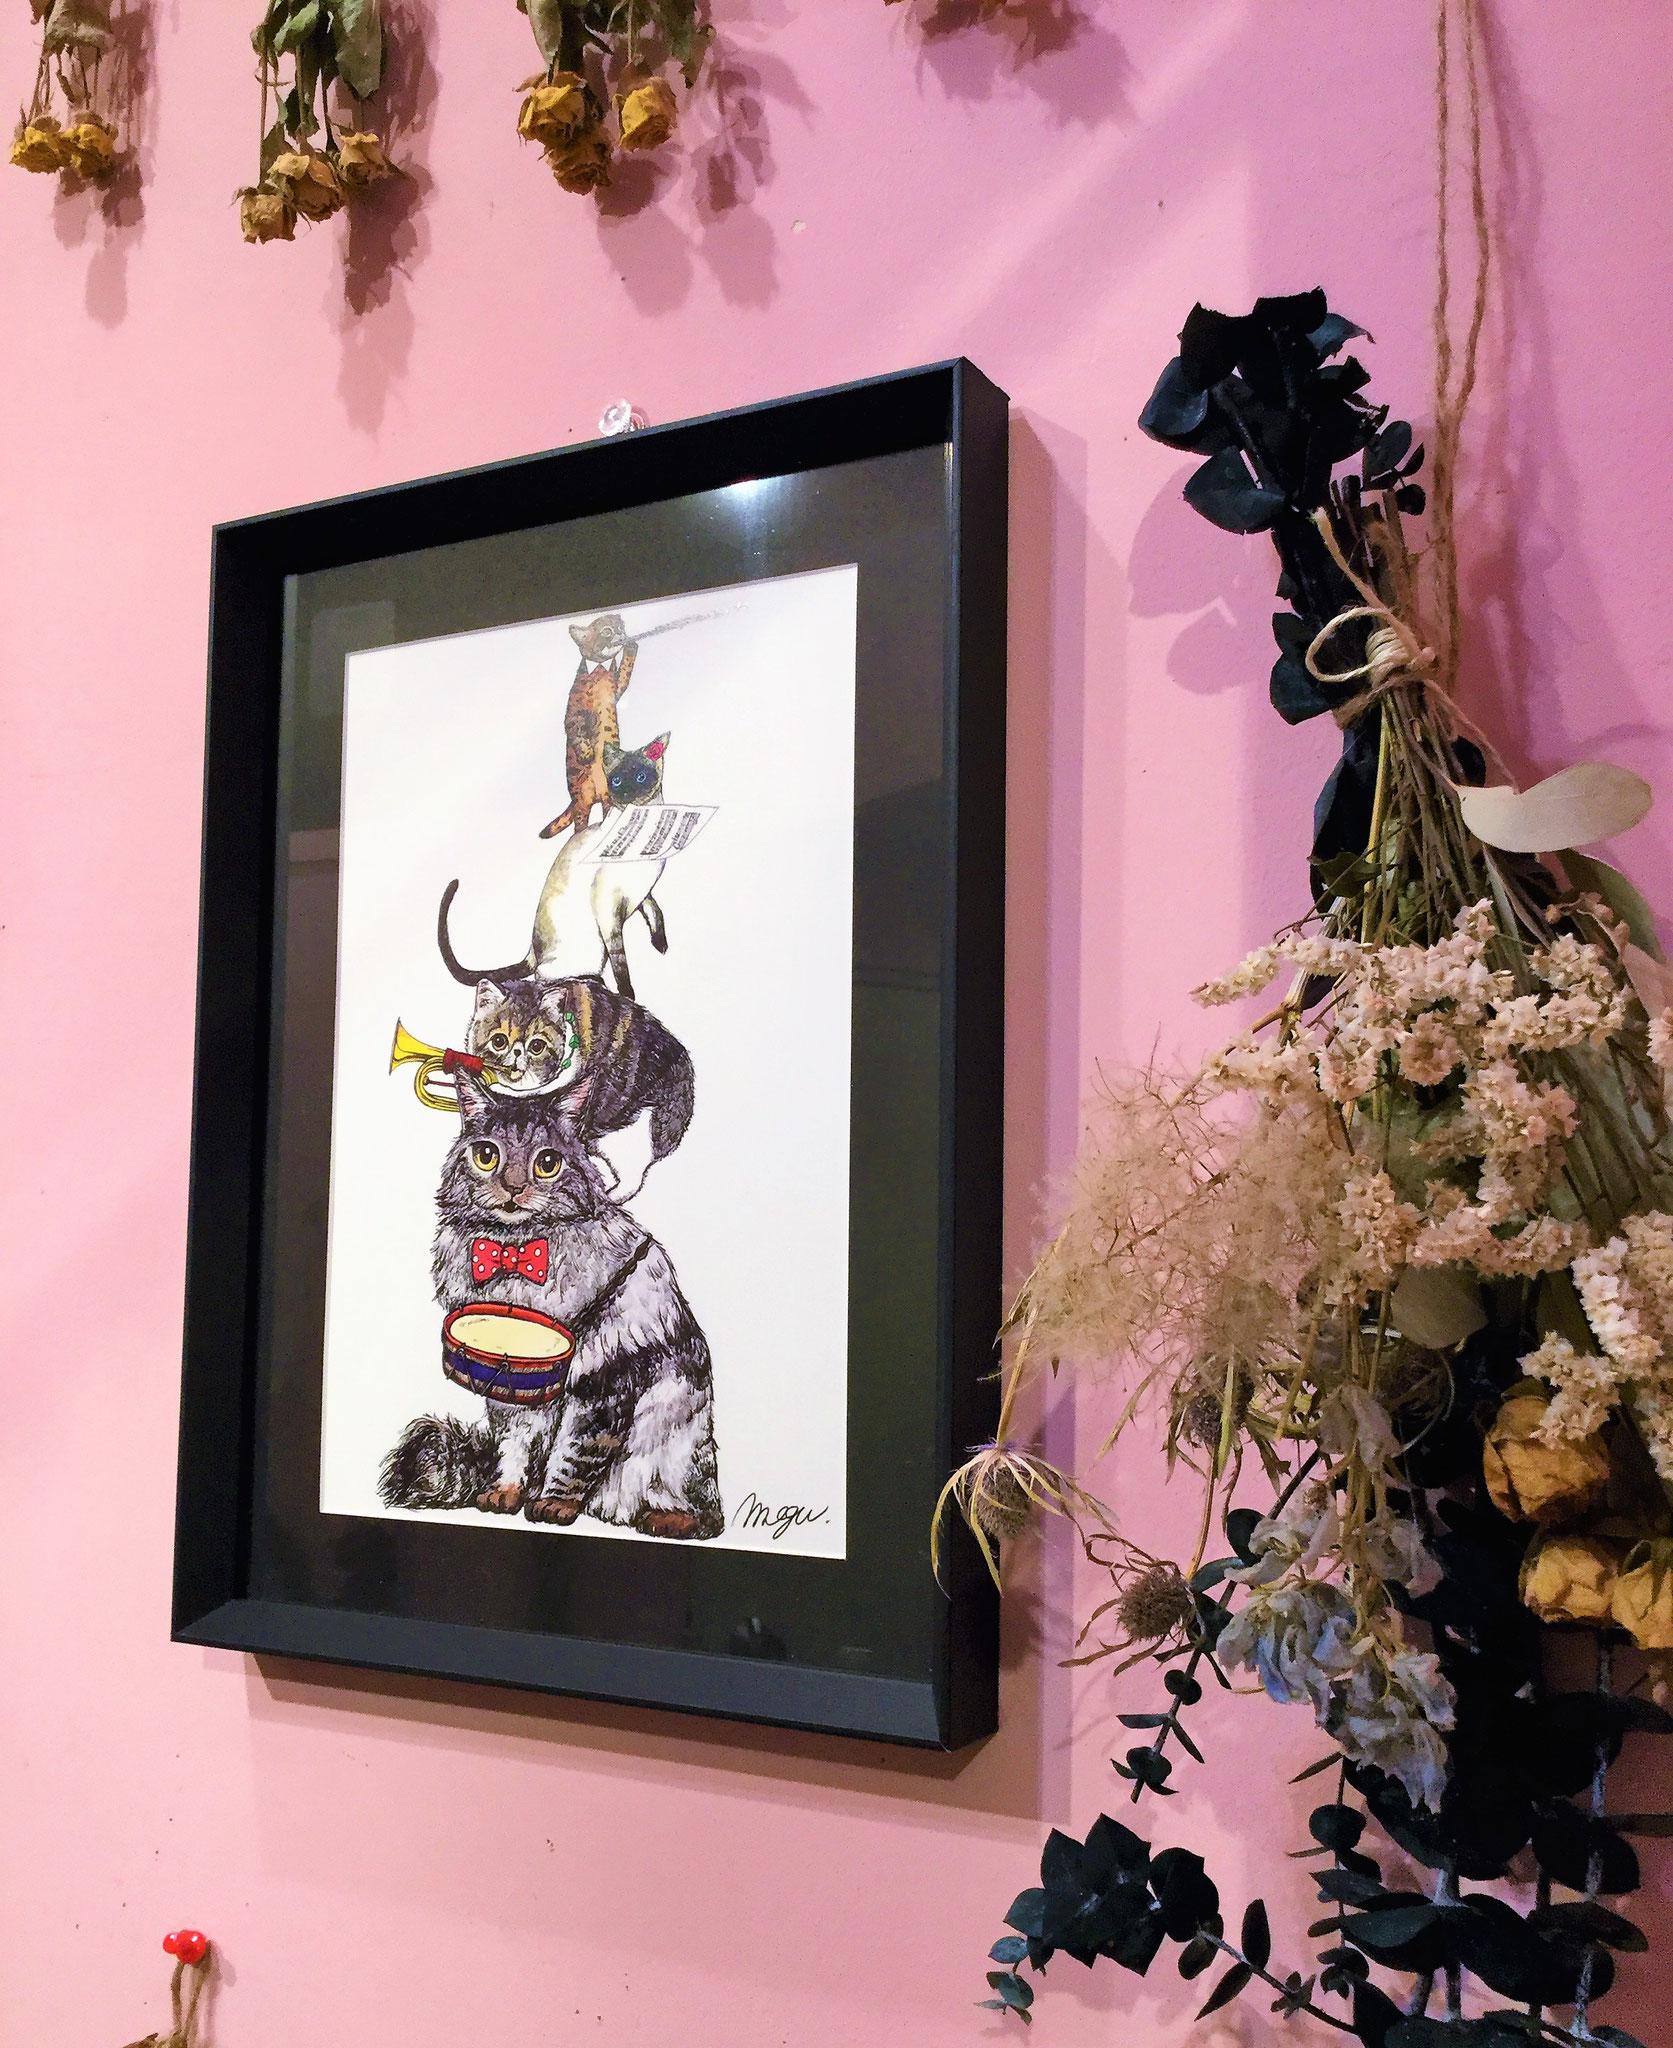 ナガミネメグミ 画 「猫の音楽隊」(painted by ipad)